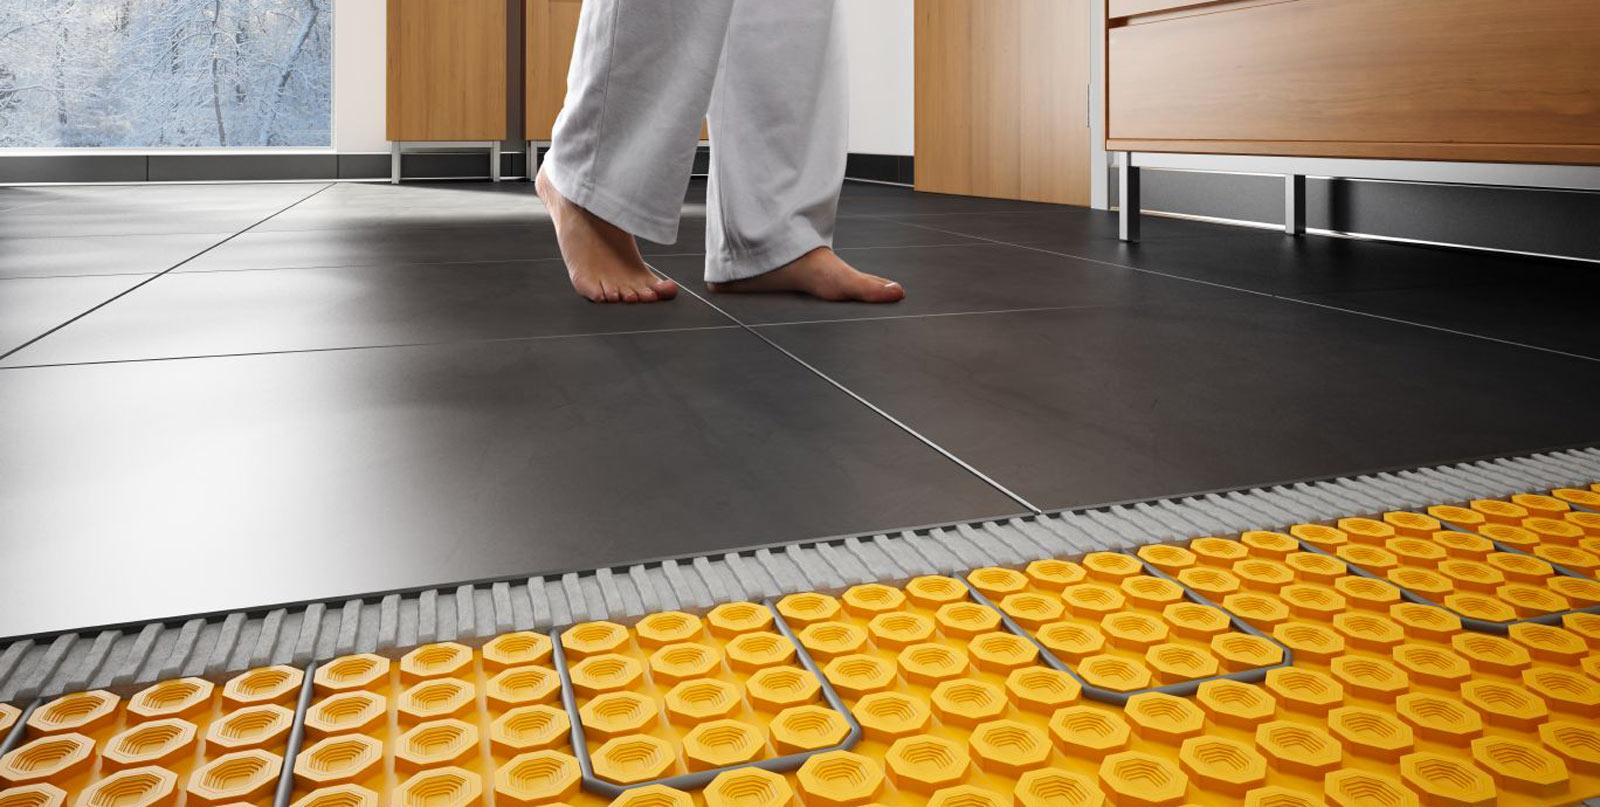 Piastrelle adatte per riscaldamento a pavimento riscaldamento a